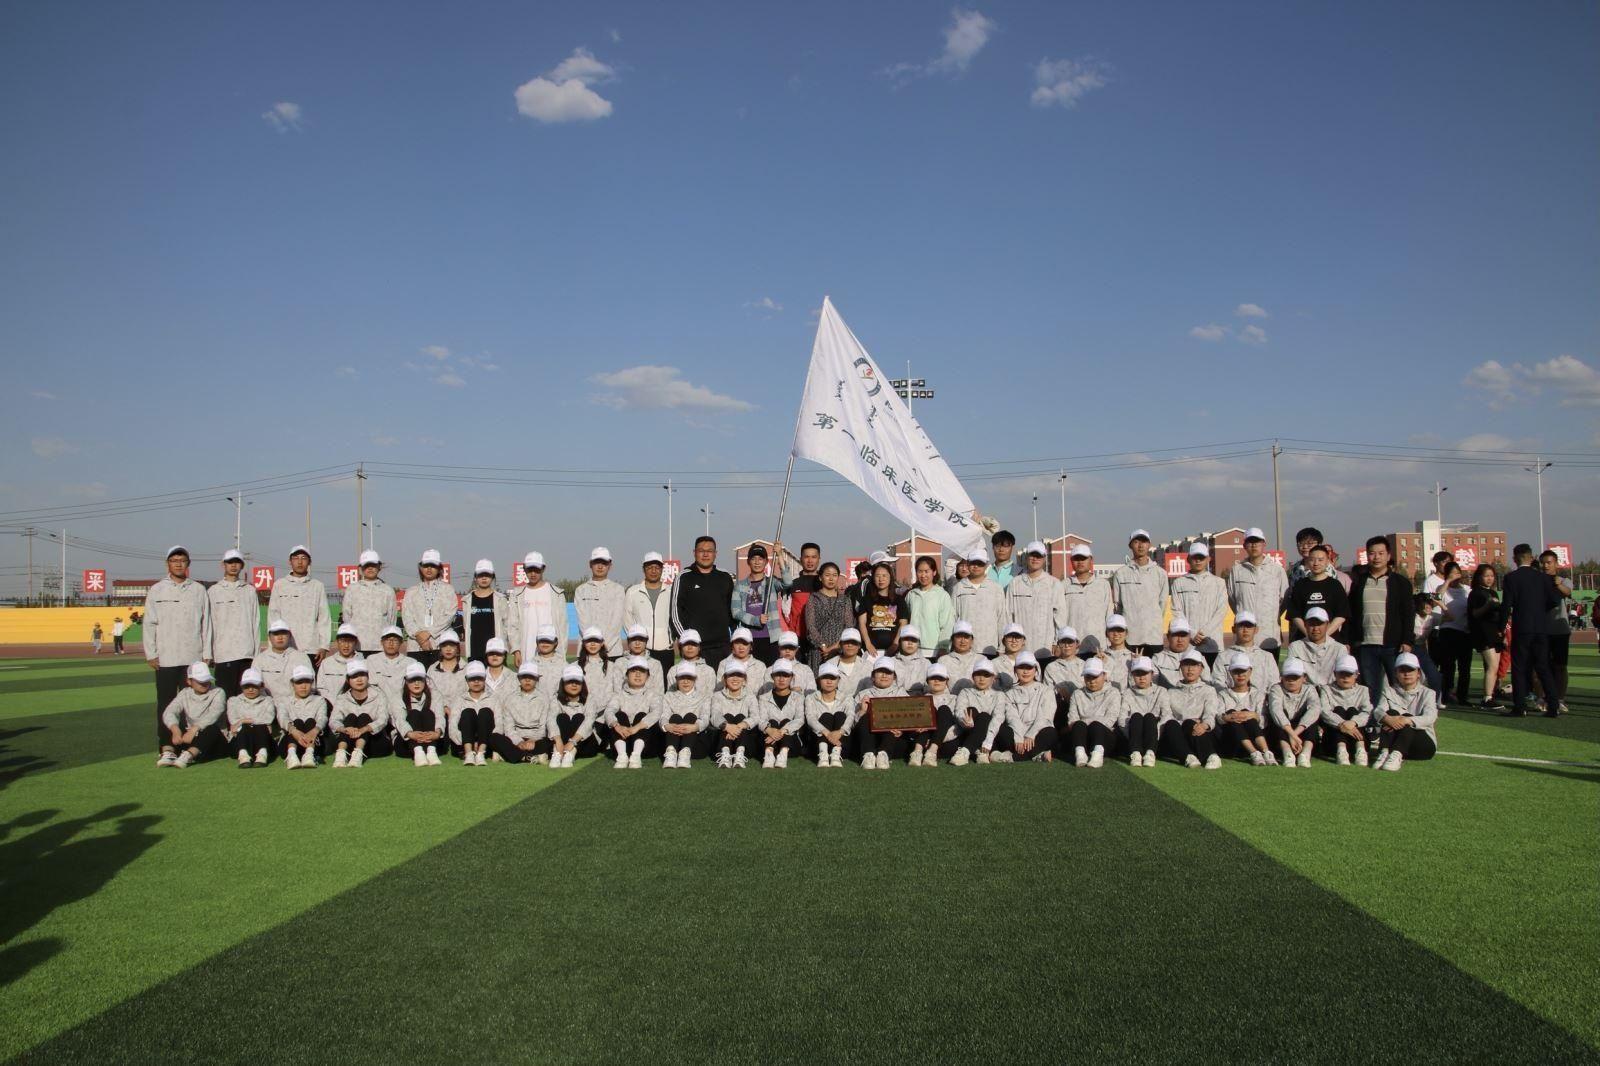 第一臨床醫學院在內蒙古醫科大學第52屆運動會上勇創佳績